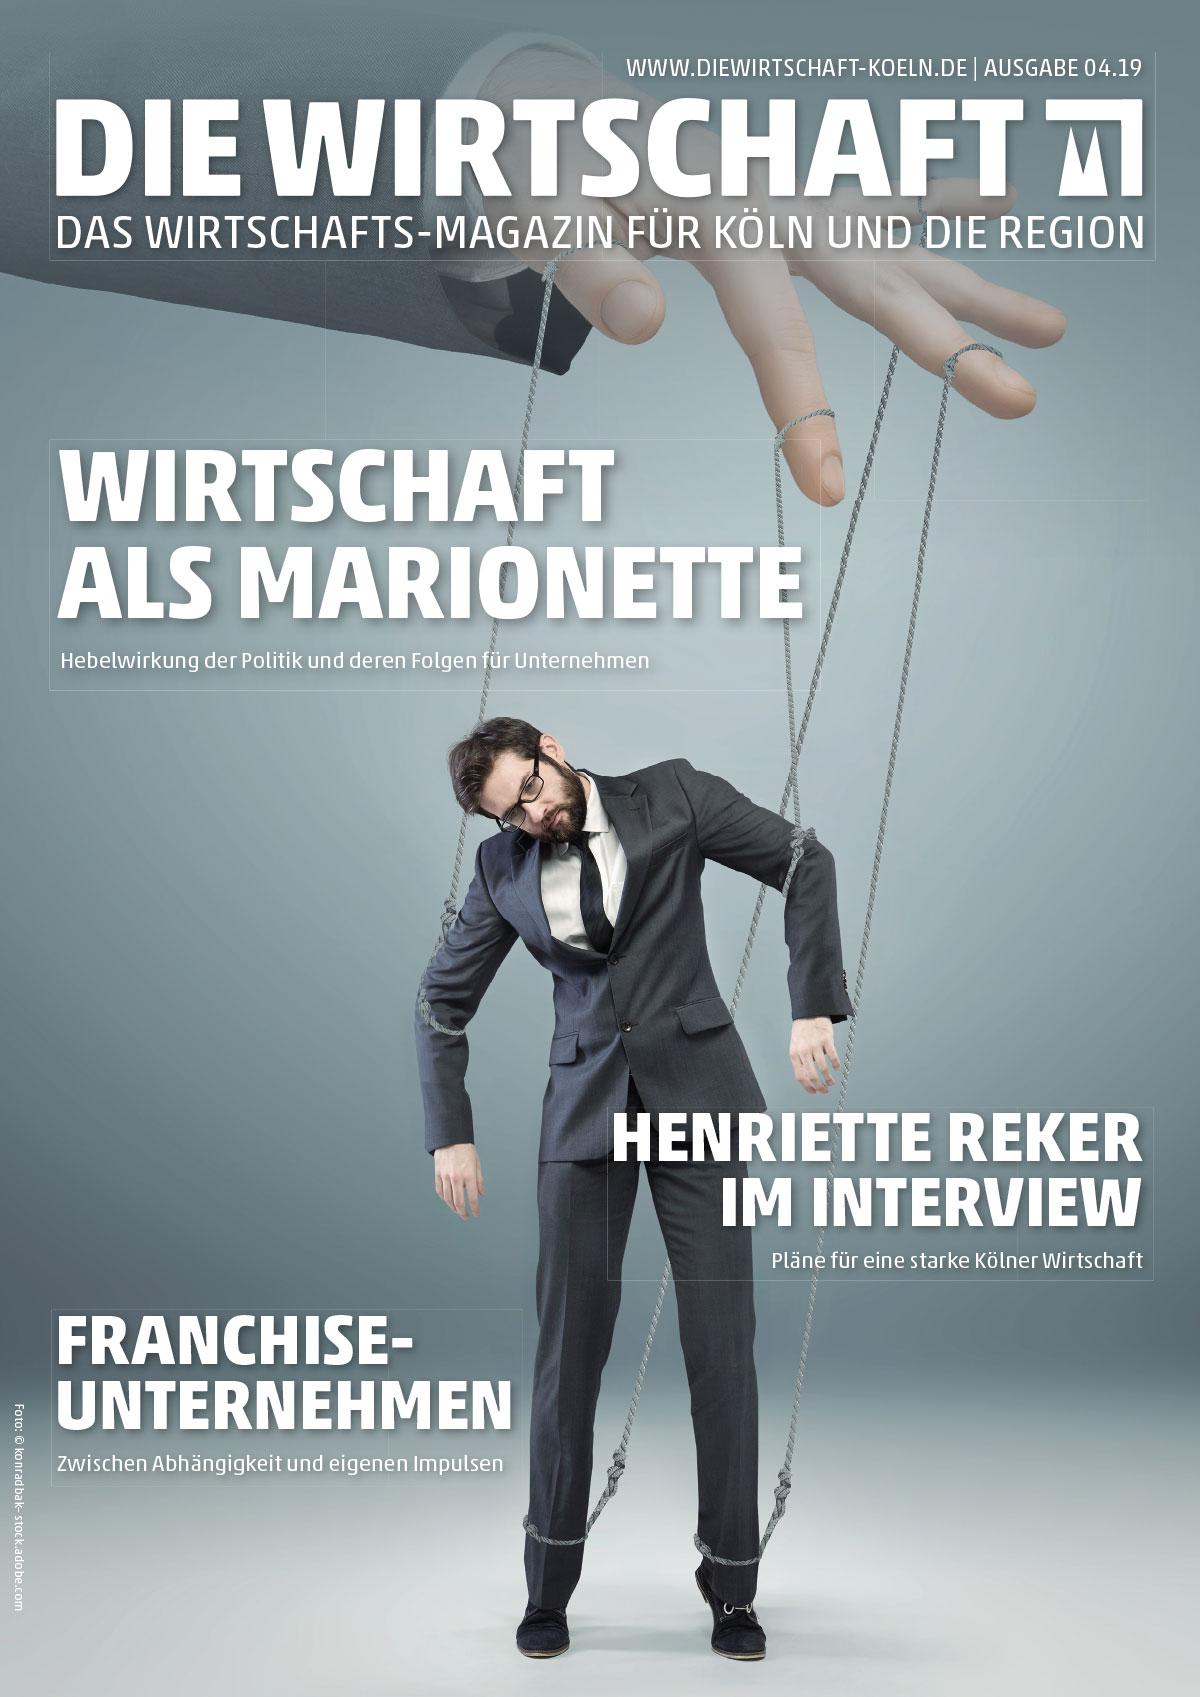 Die Wirtschaft 04.19 Cover